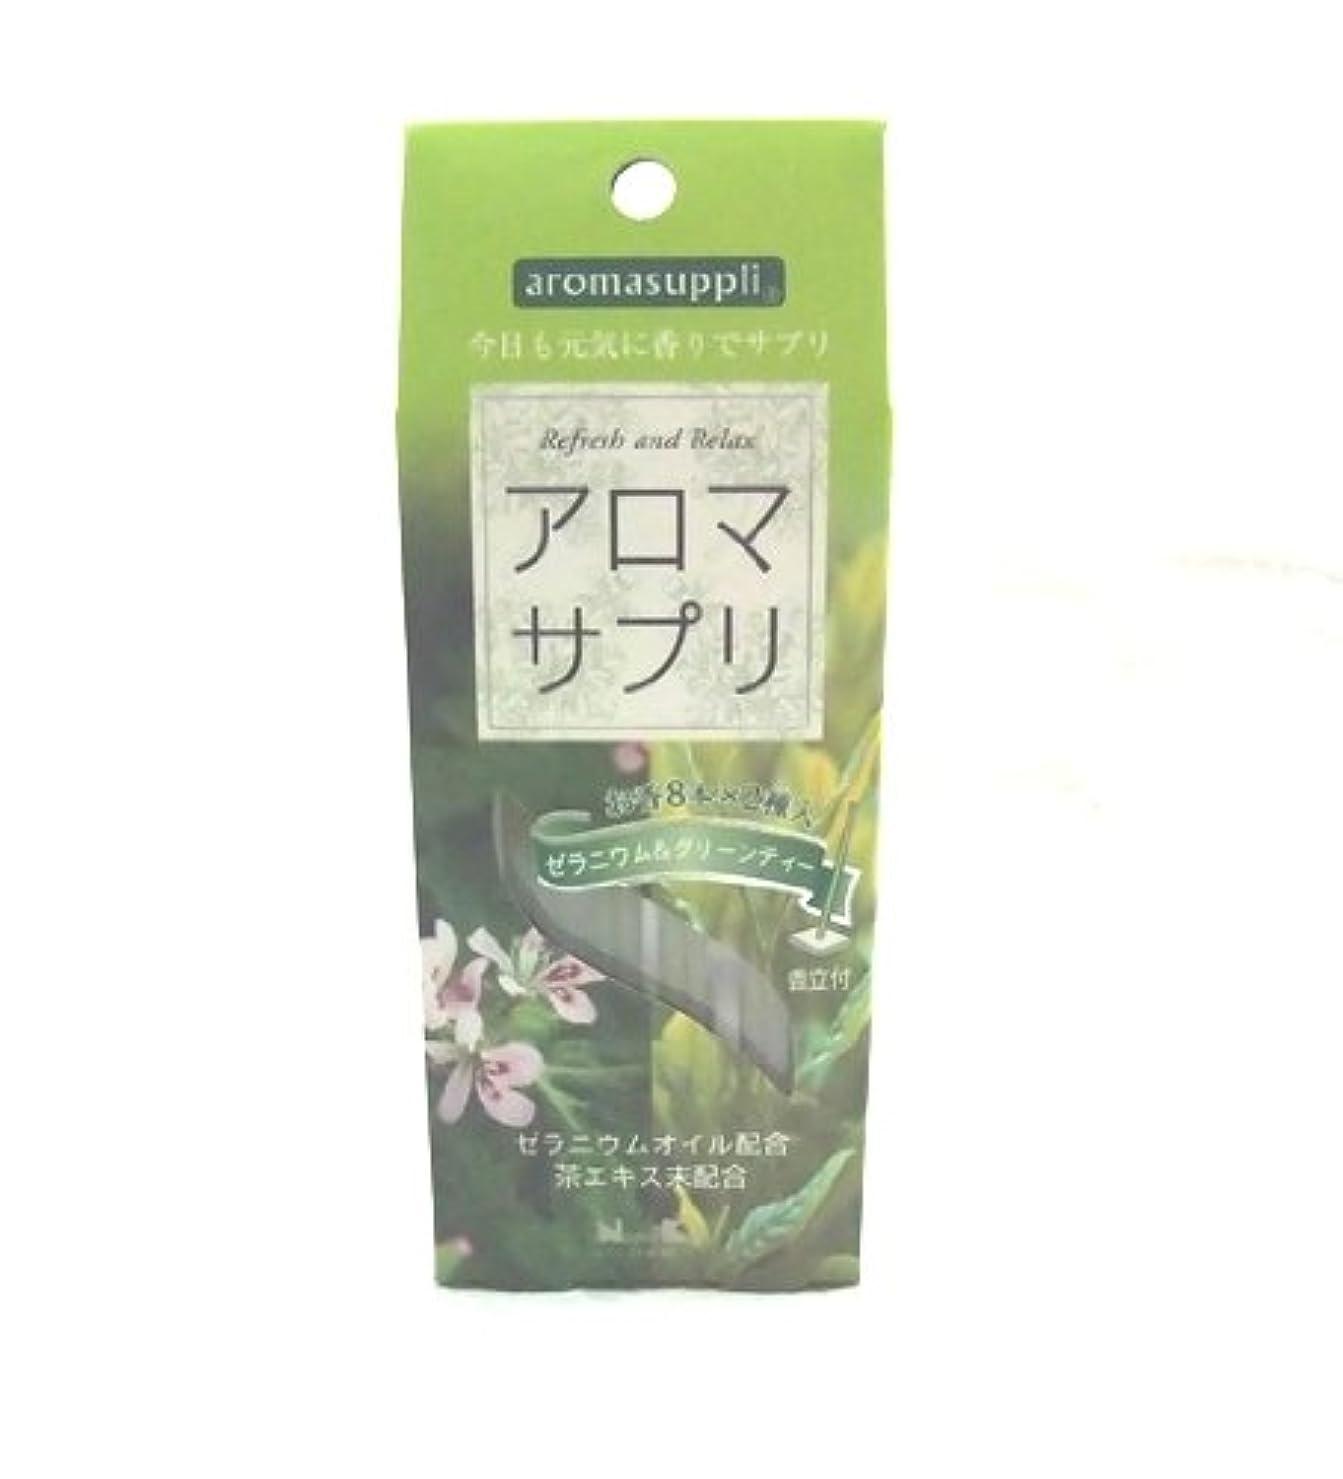 特殊申し込むマントお香 アロマサプリ<ゼラニウム&グリーンティー> 2種類の香り× 各8本入 香立付